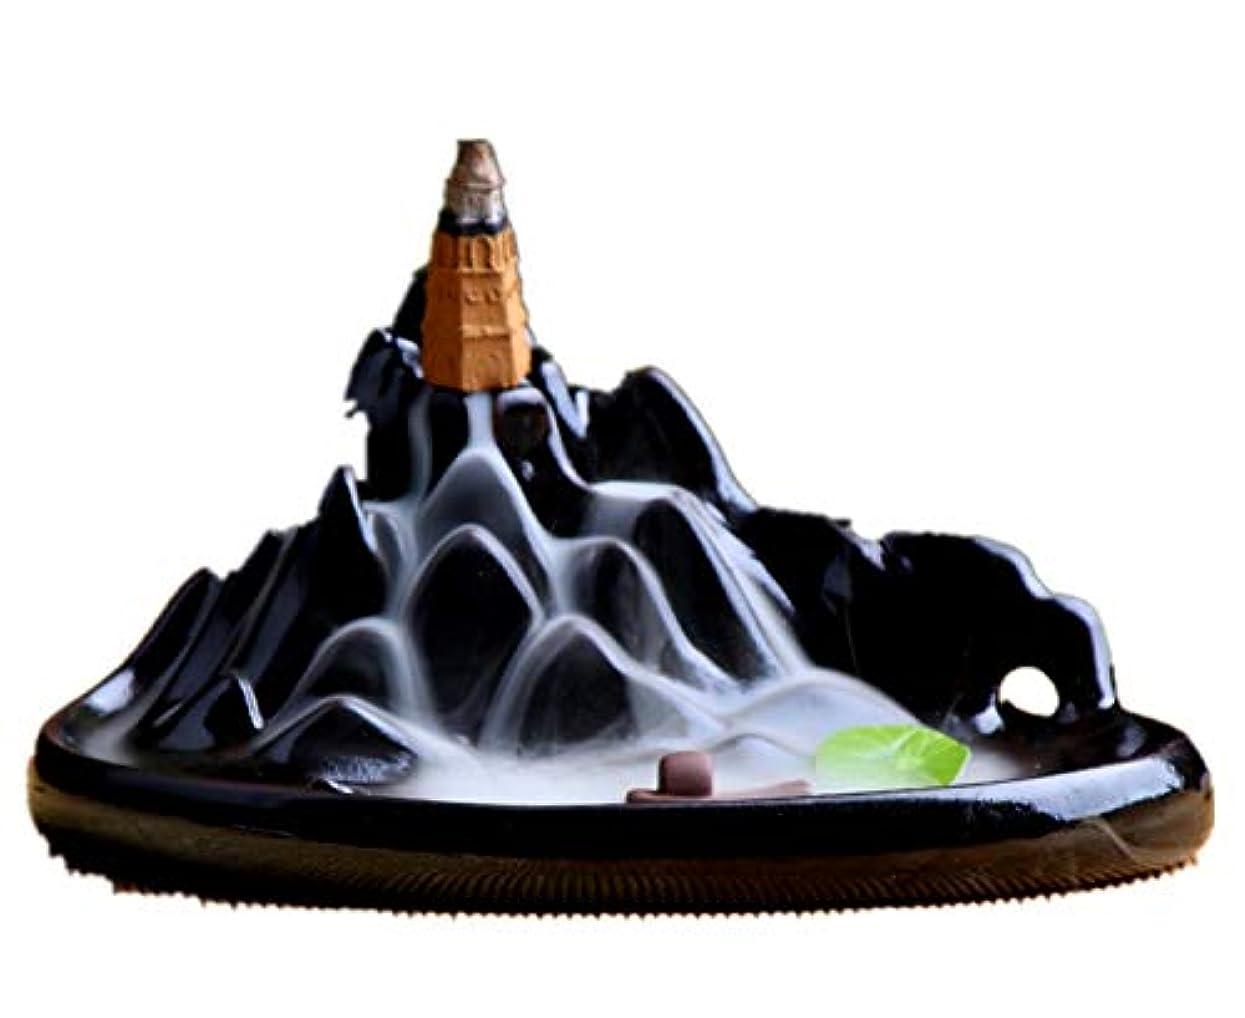 丁寧最も遠い霊XPPXPP Backflow Incense Burner, Household Ceramic Returning Cone-shaped Candlestick Burner